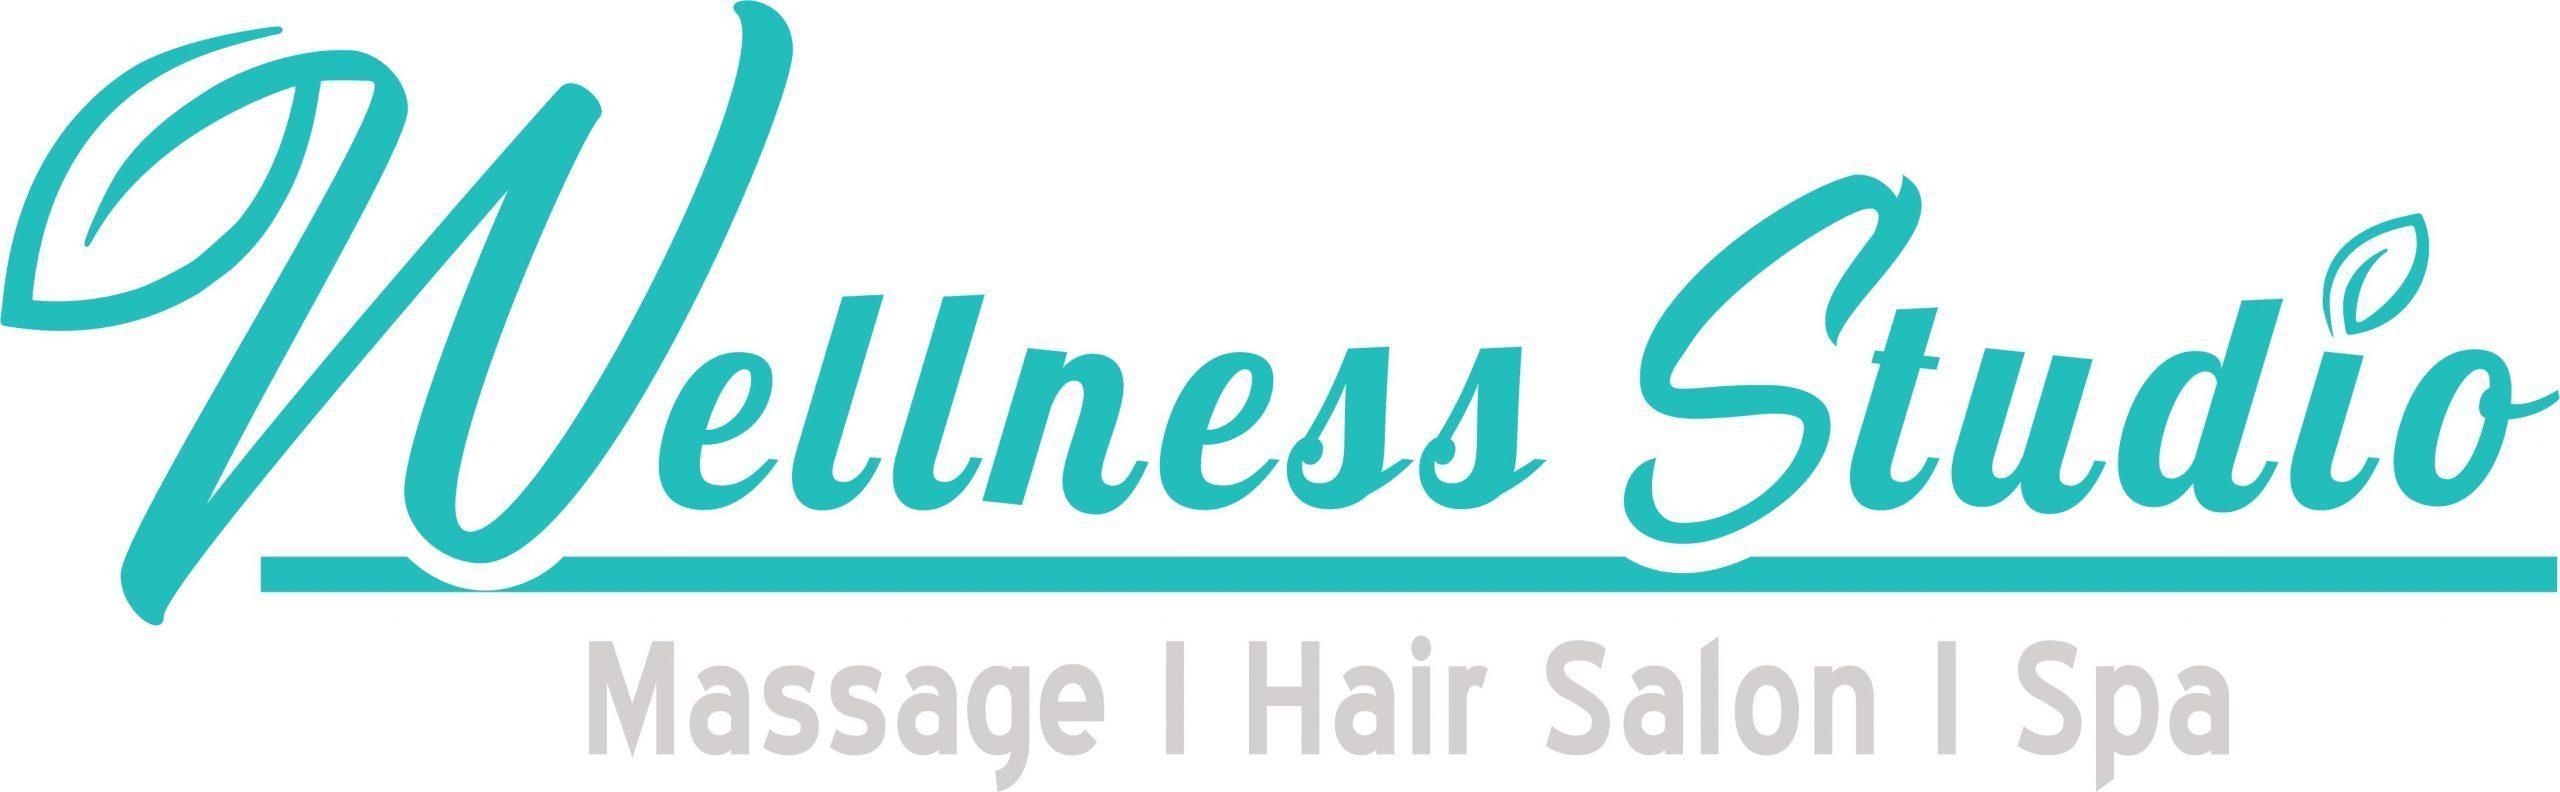 Sudbury Wellness Studio